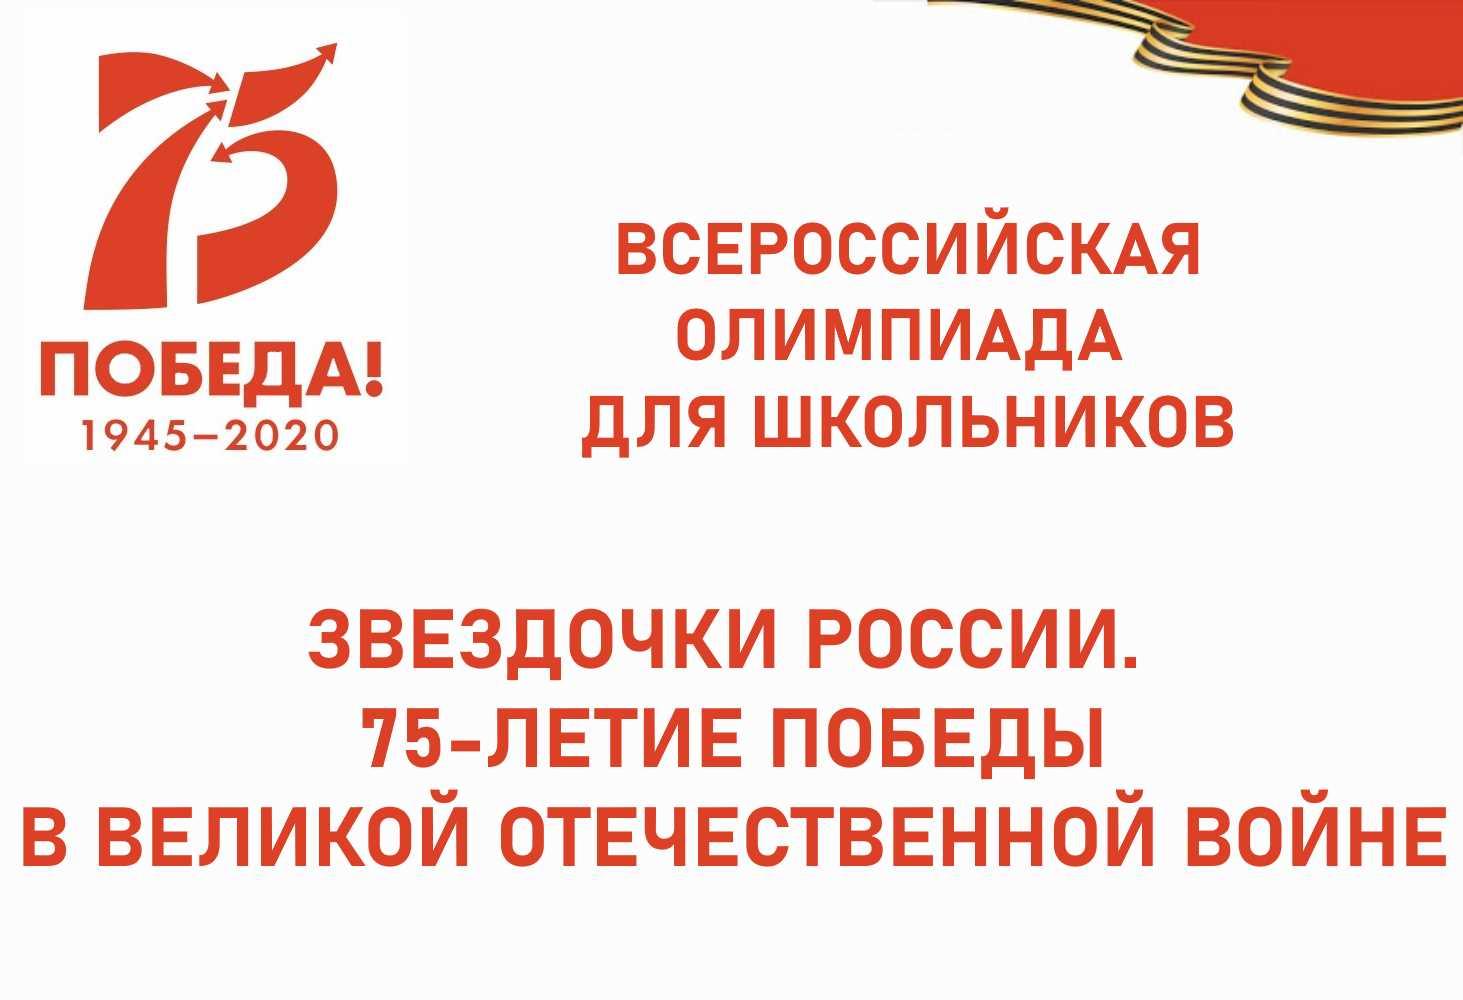 tsentr-Moj-univer-priglashaet-shkolnikov-na-olimpiadu-Zvezdochki-Rossii-k-75-letiyu-Pobedy-v-VOV